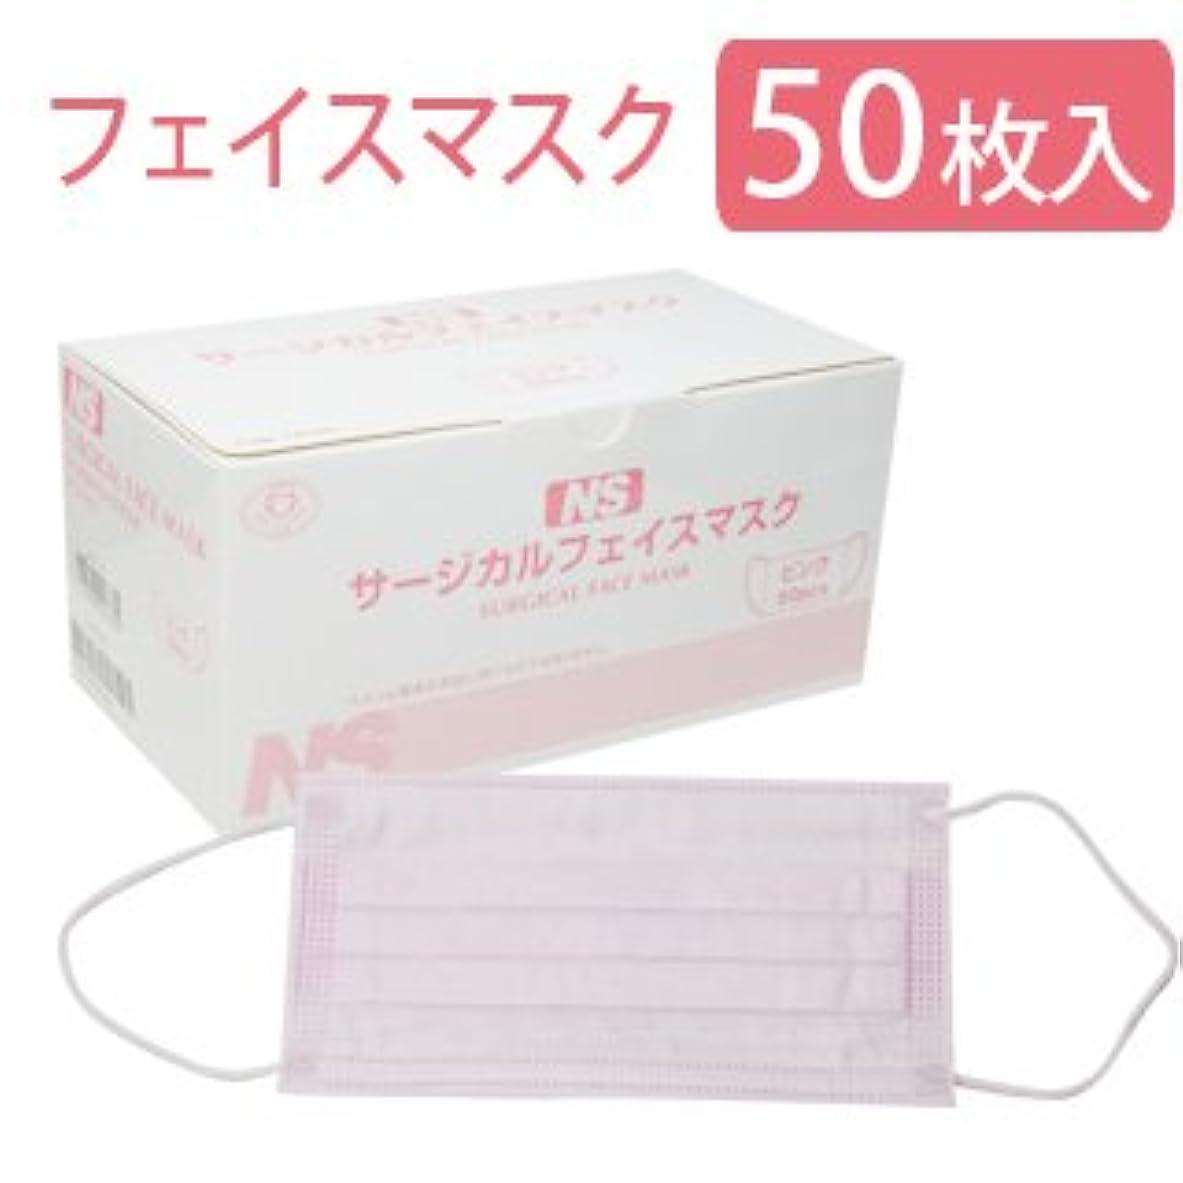 砂利口頭インフレーションNew サージカルフェイスマスク NS 使い捨て ピンク 3層構造 50枚入